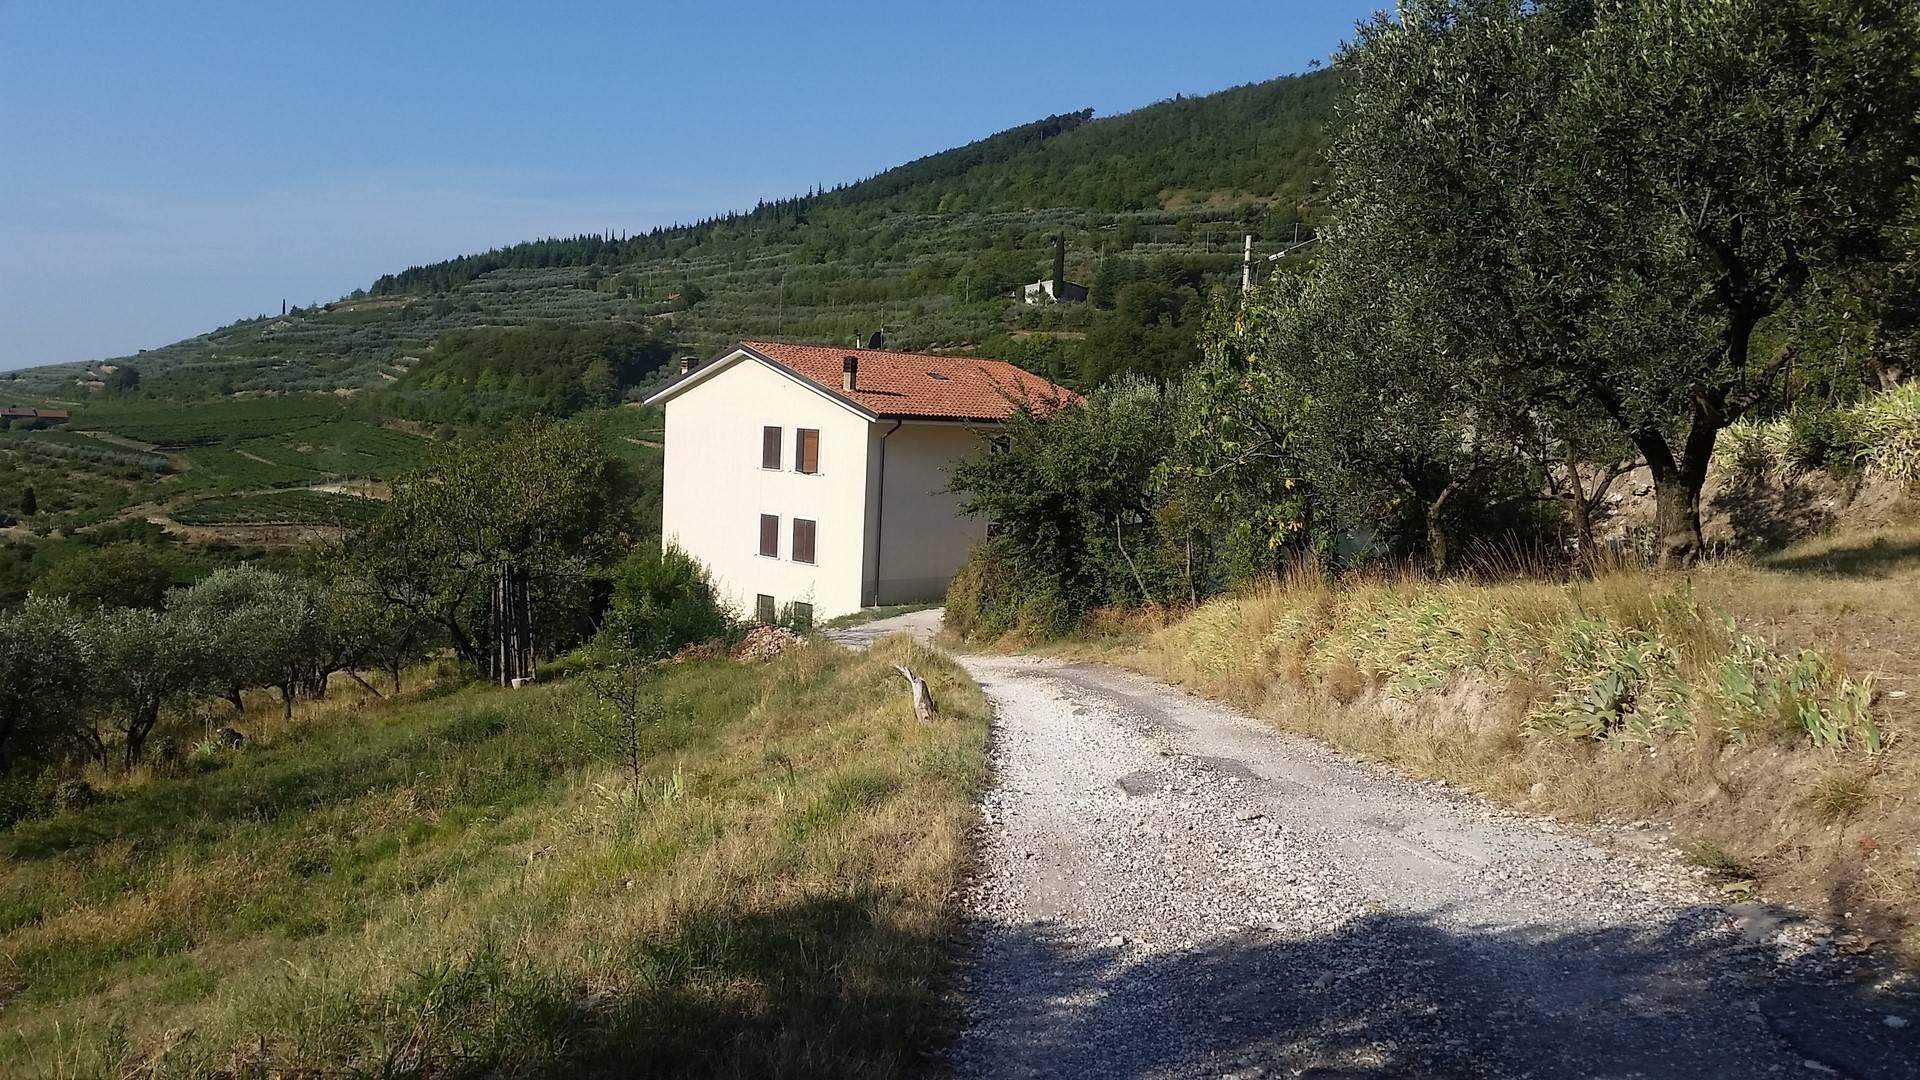 Appartamento in vendita a Cazzano di Tramigna, 7 locali, prezzo € 70.000 | CambioCasa.it